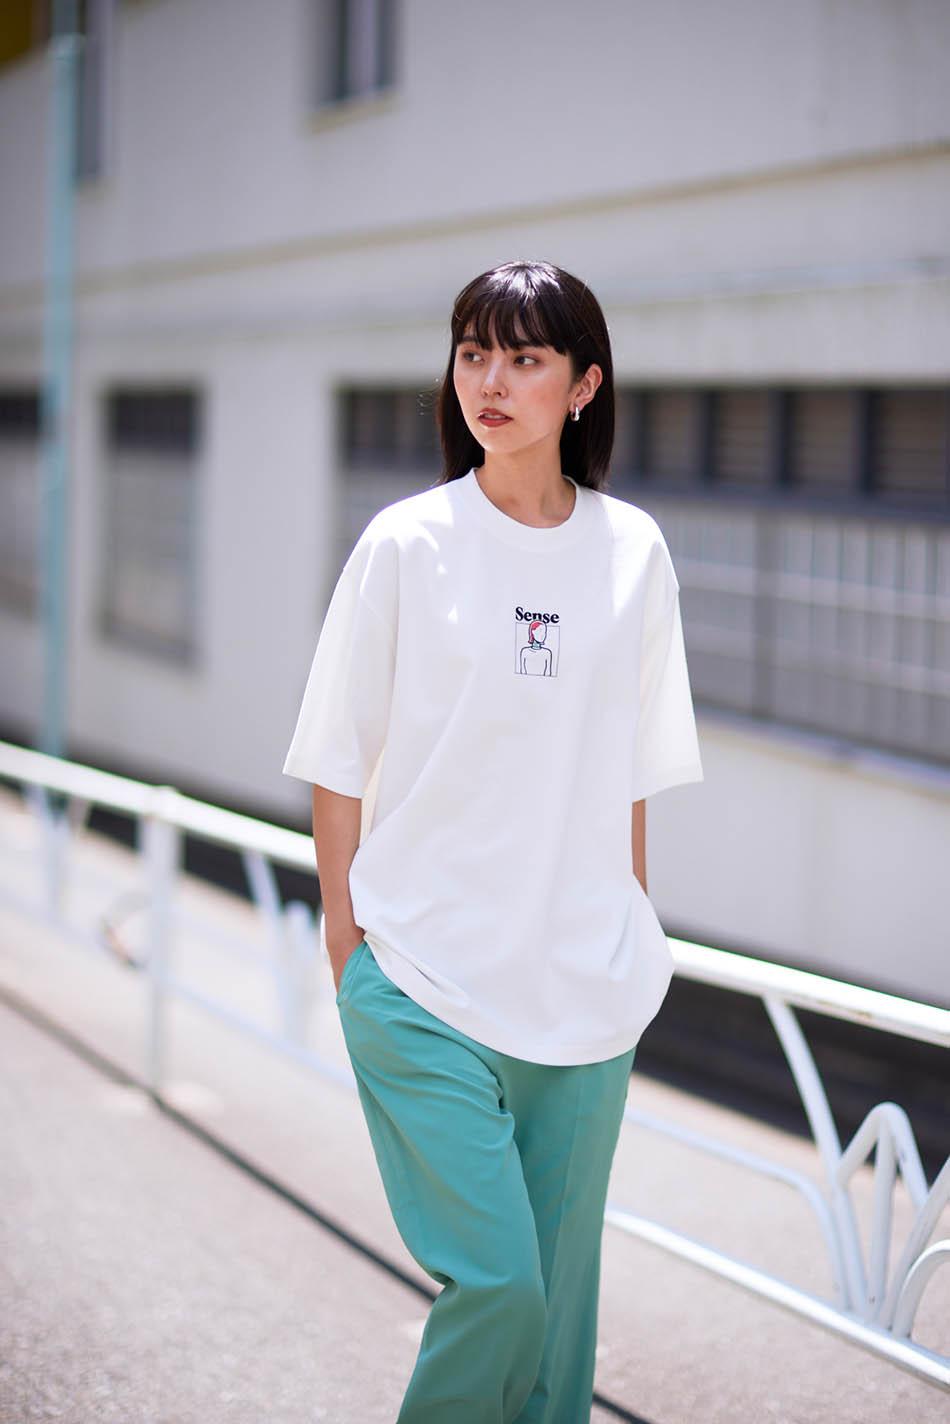 【別注款】RyoKaneyasu 短袖上衣(B款)